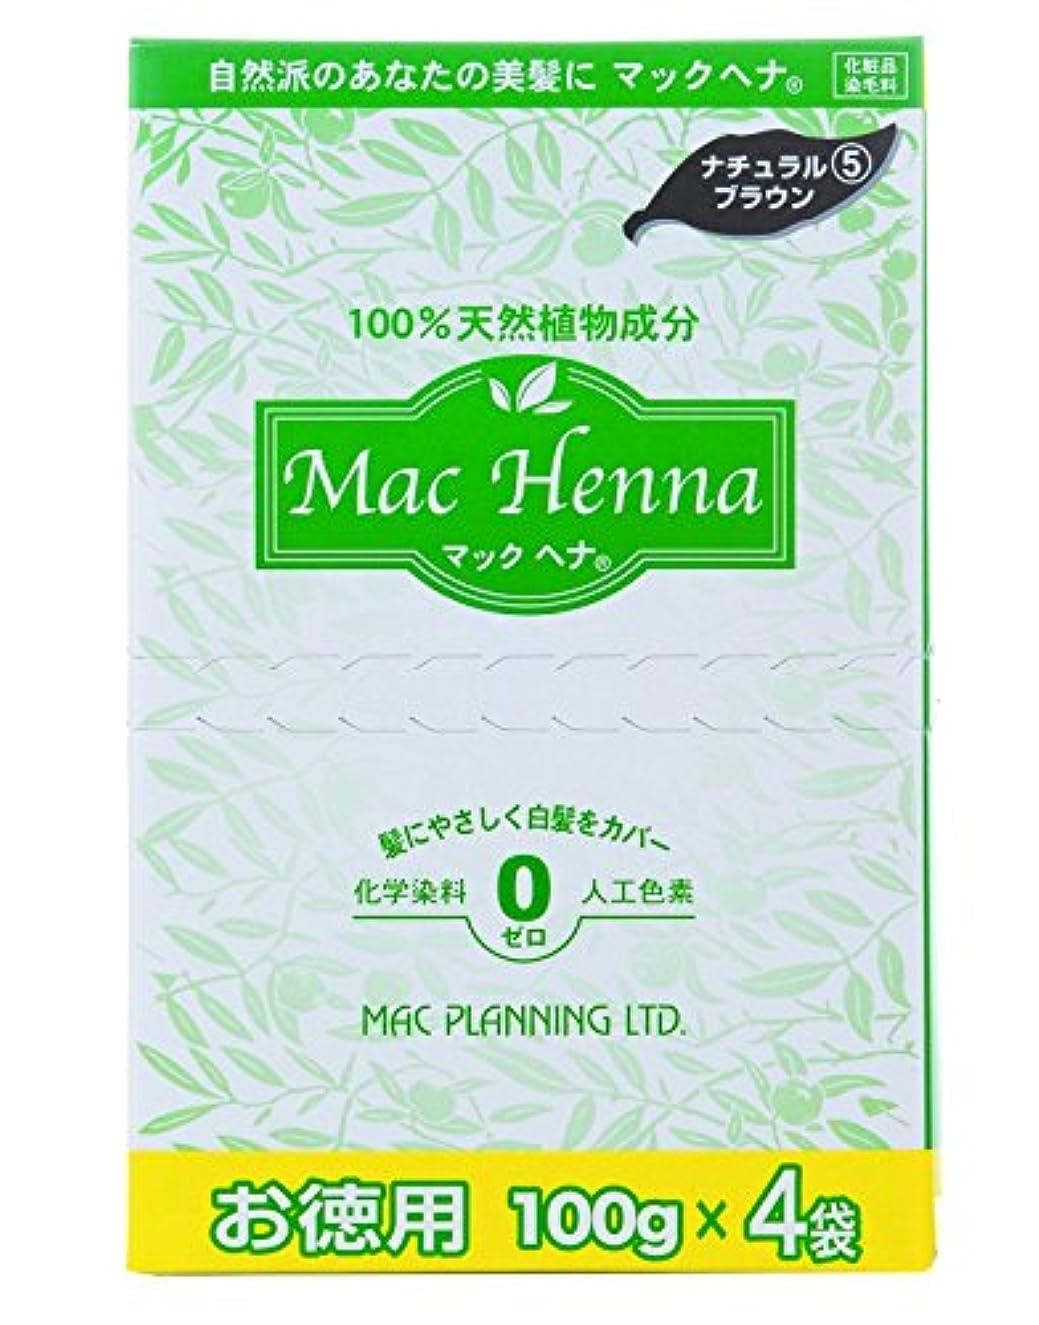 嵐の熟考するロック解除マックヘナ お徳用 ナチュラルブラウン400g ヘナ白髪用カラー